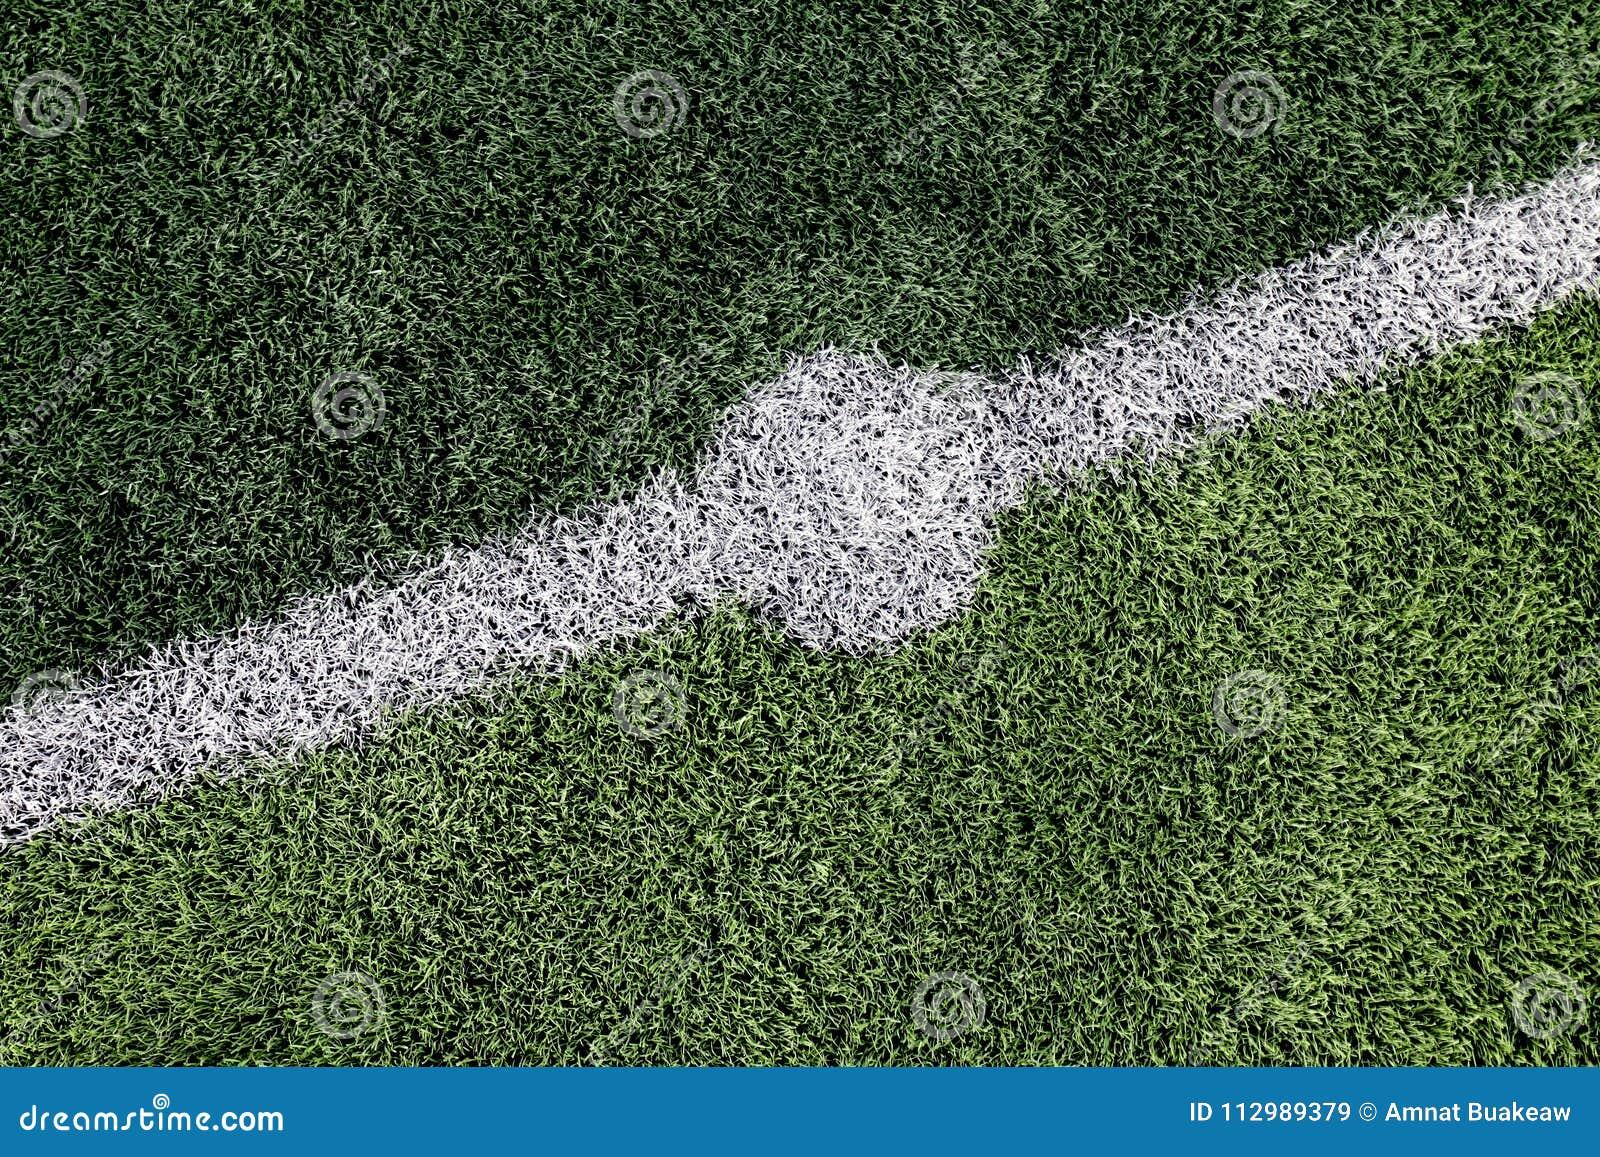 Textura Artificial Do Campo De Futebol Pequena 64ae8dc0cdfff